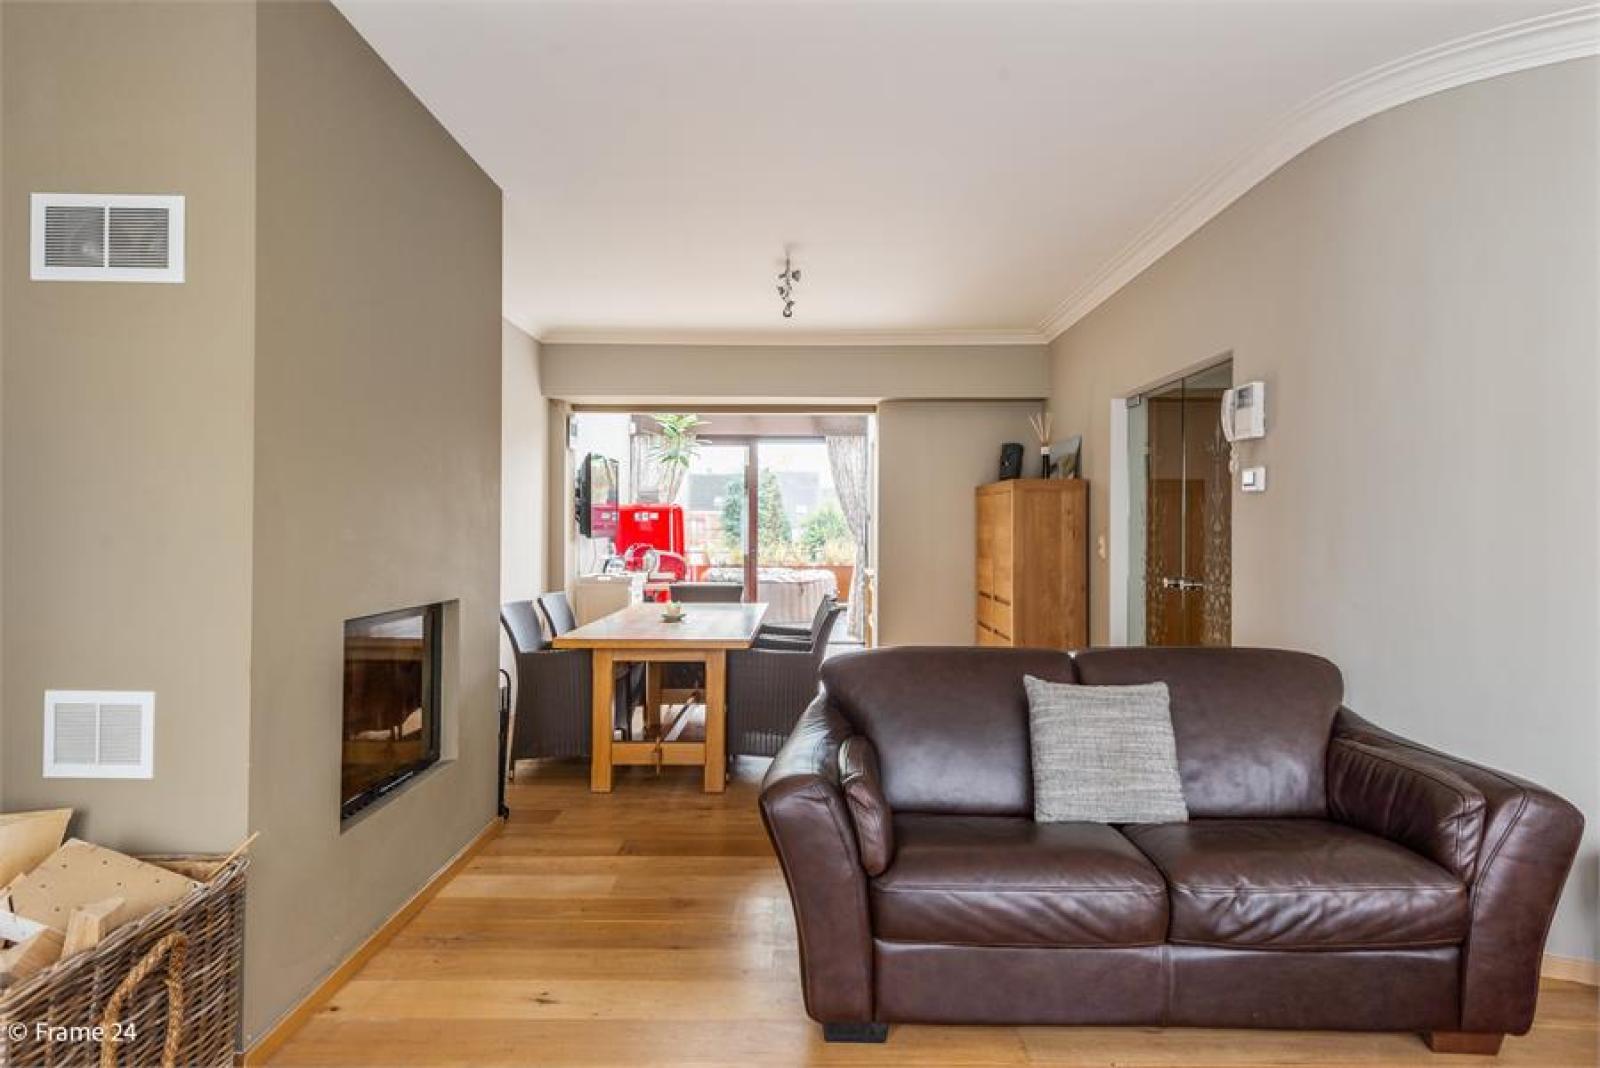 Verzorgde bel-étage met 3 slaapkamers, tuin en garage nabij centrum Wijnegem gelegen. afbeelding 4